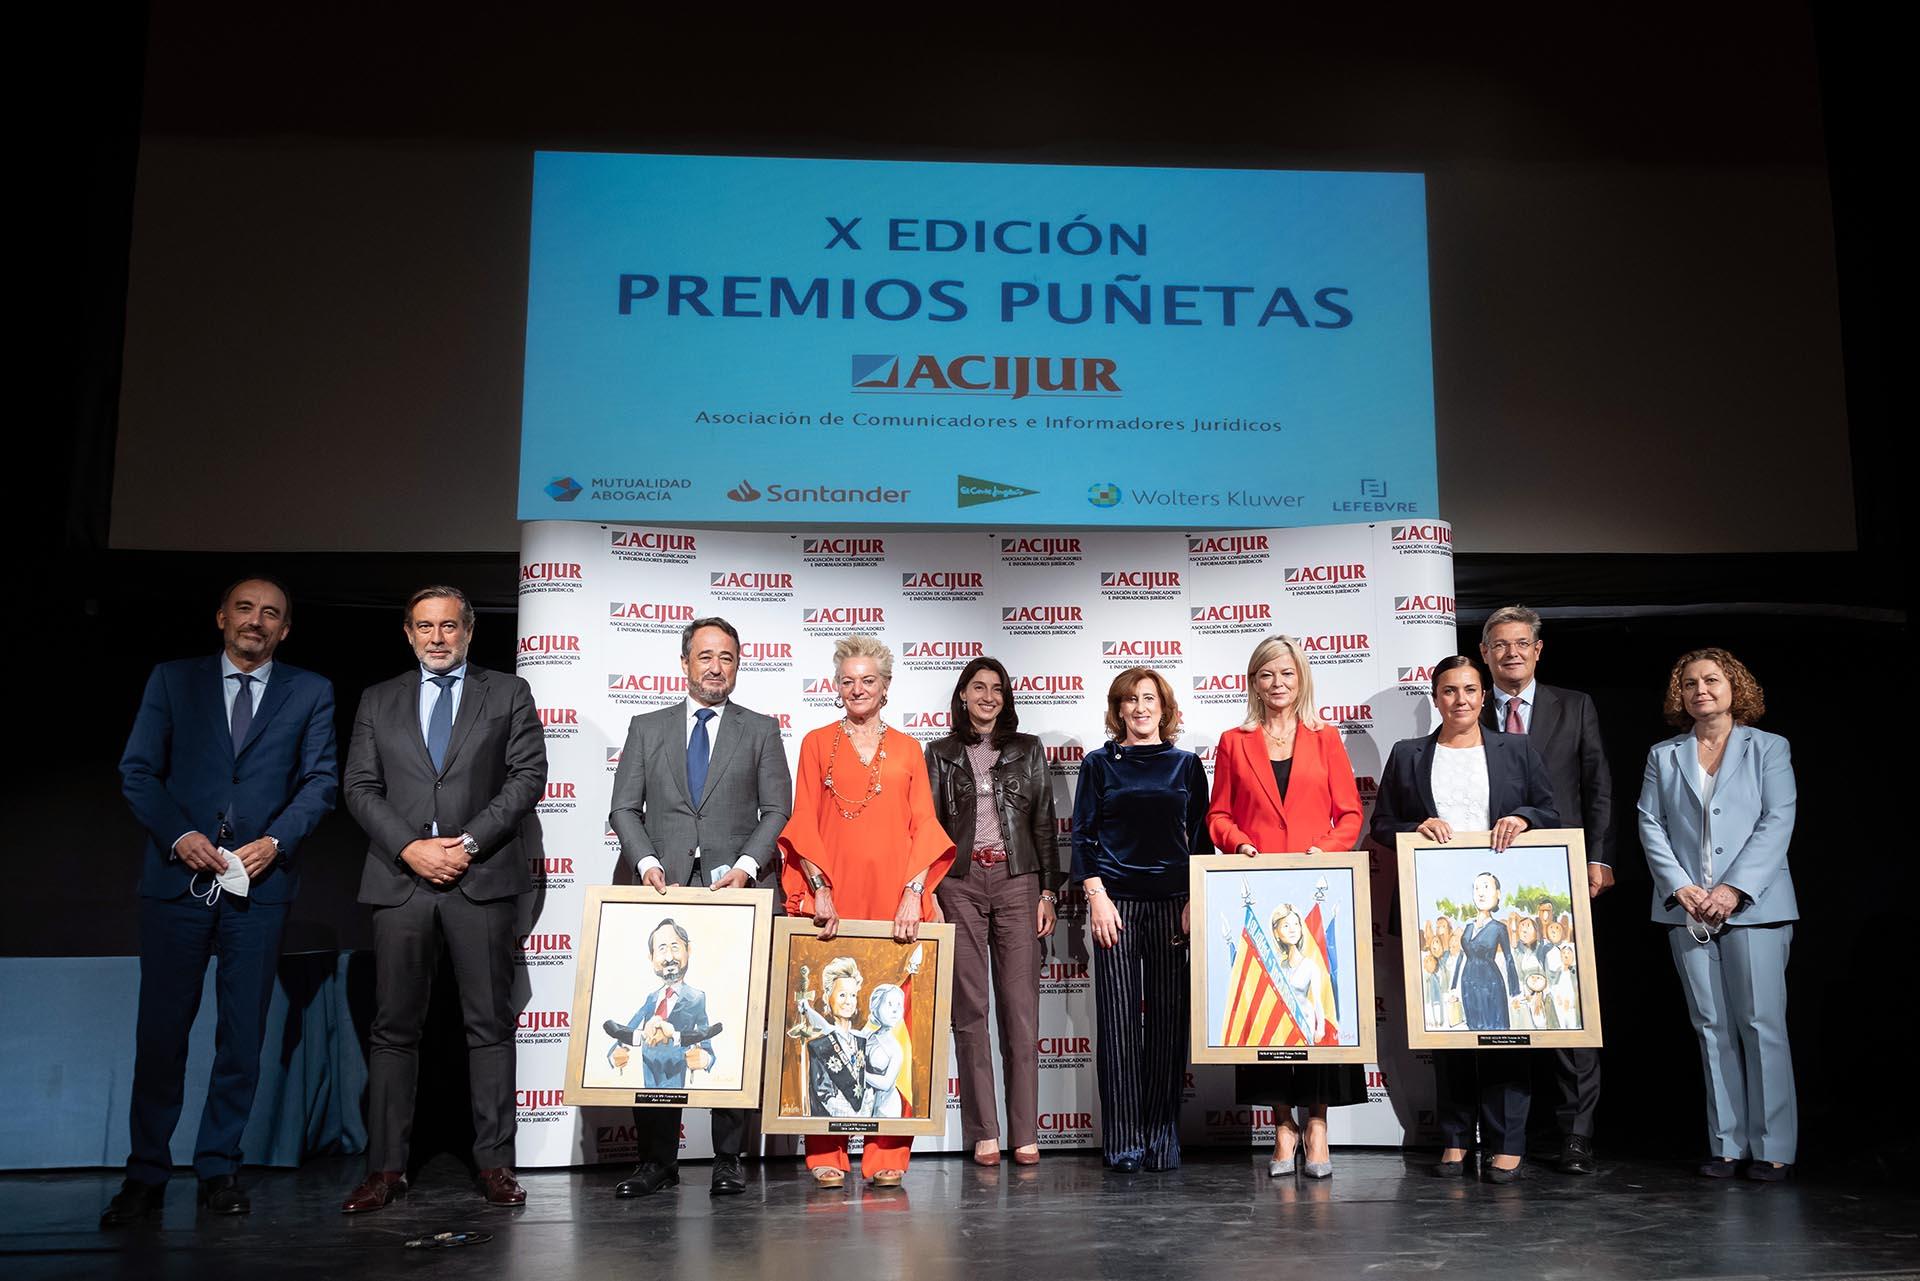 Foto de familia de los premiados y autoridades con Patricia Rosety.